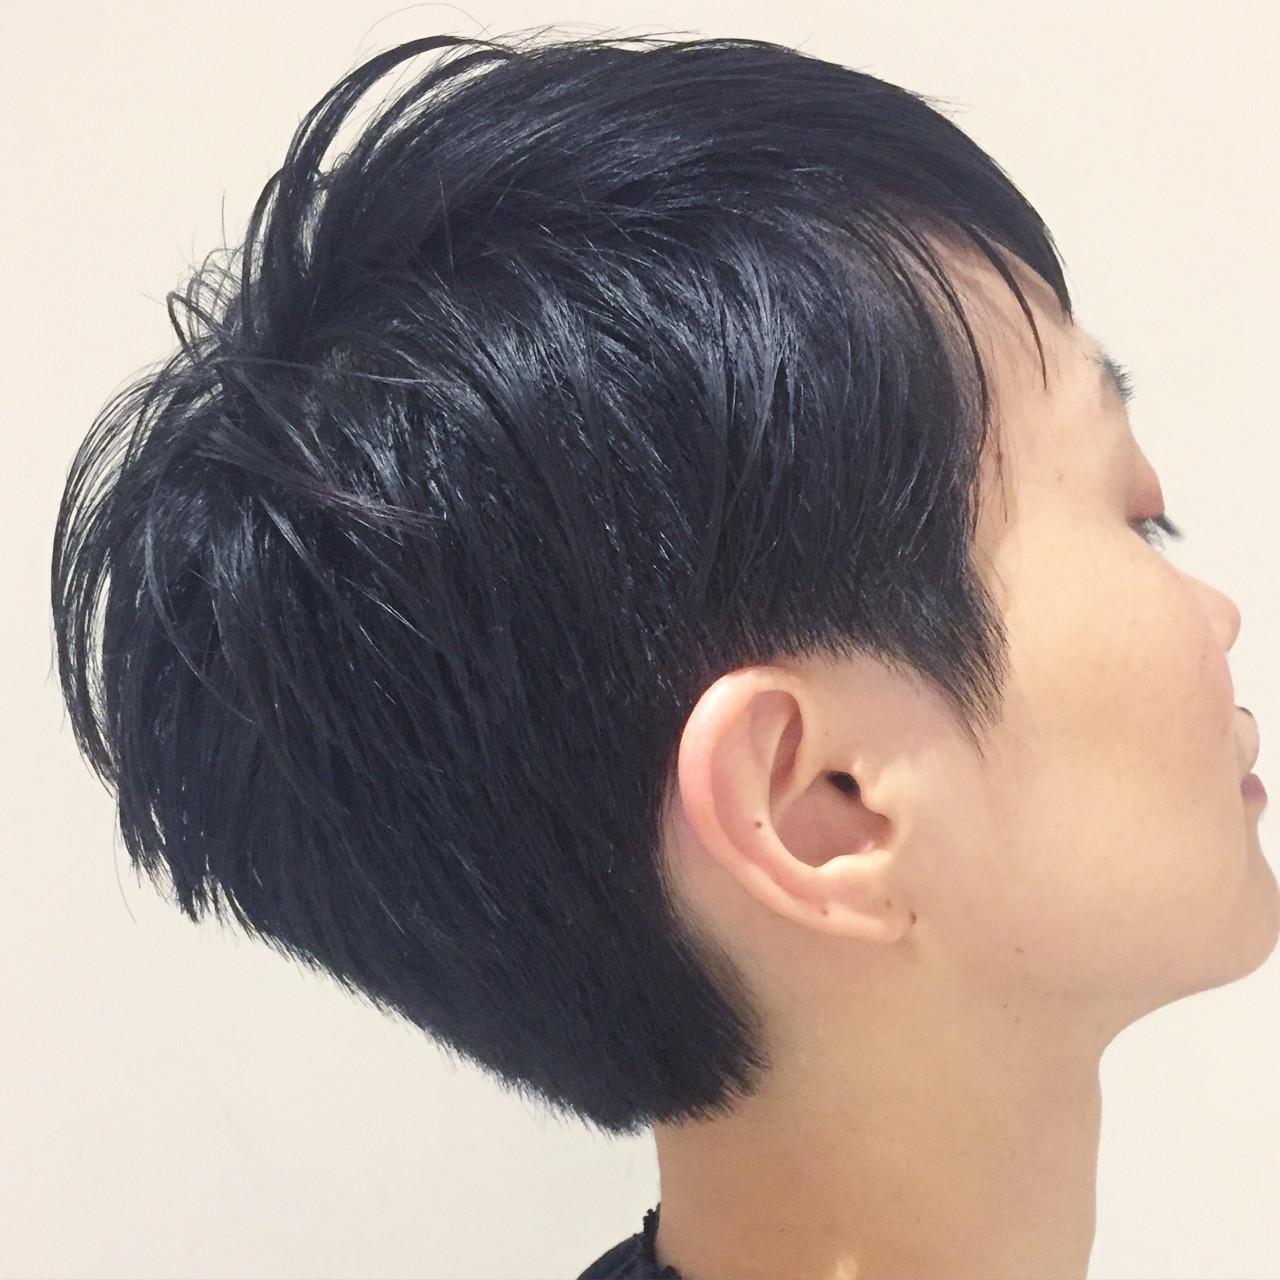 黒髪ショートの清楚さが人気。愛されヘアスタイルをつくろう  大石 卓